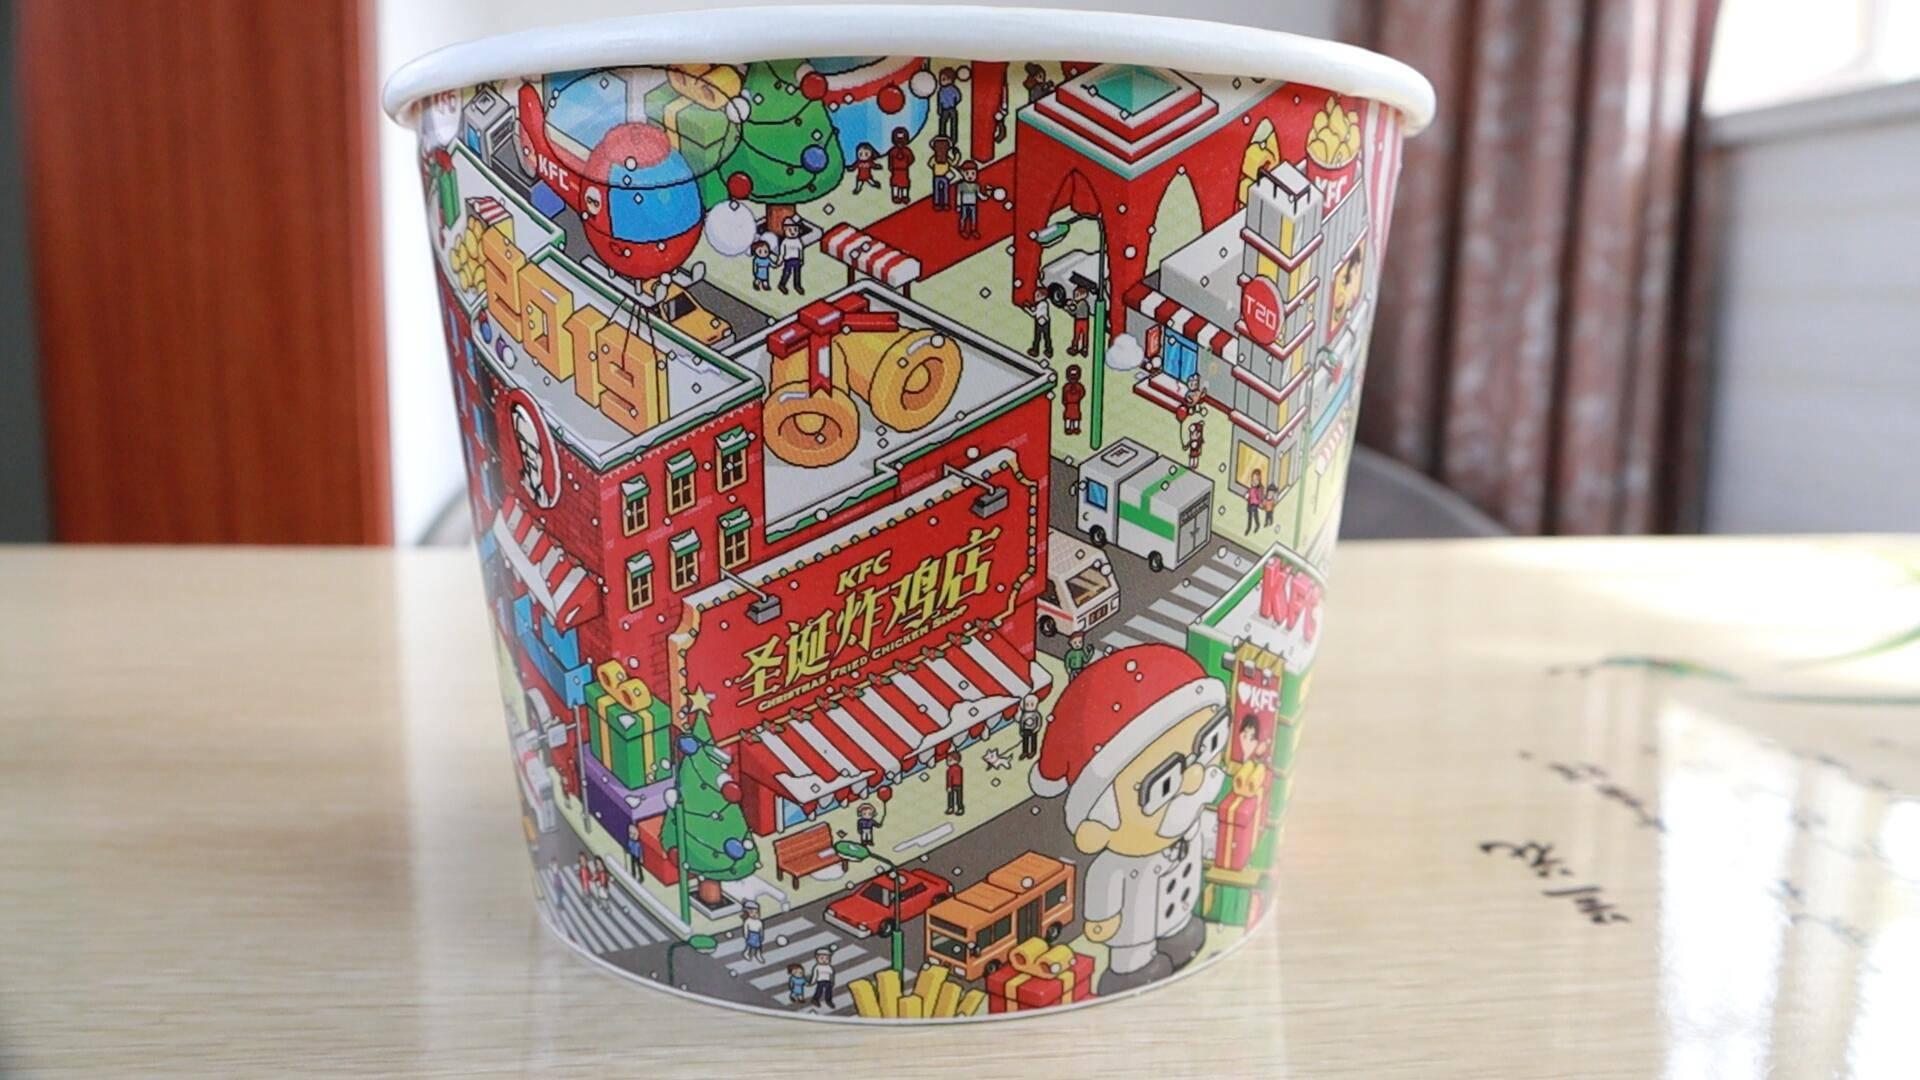 39元的肯德基圣诞炸鸡桶,新出的海苔口味真的那么好吃吗?